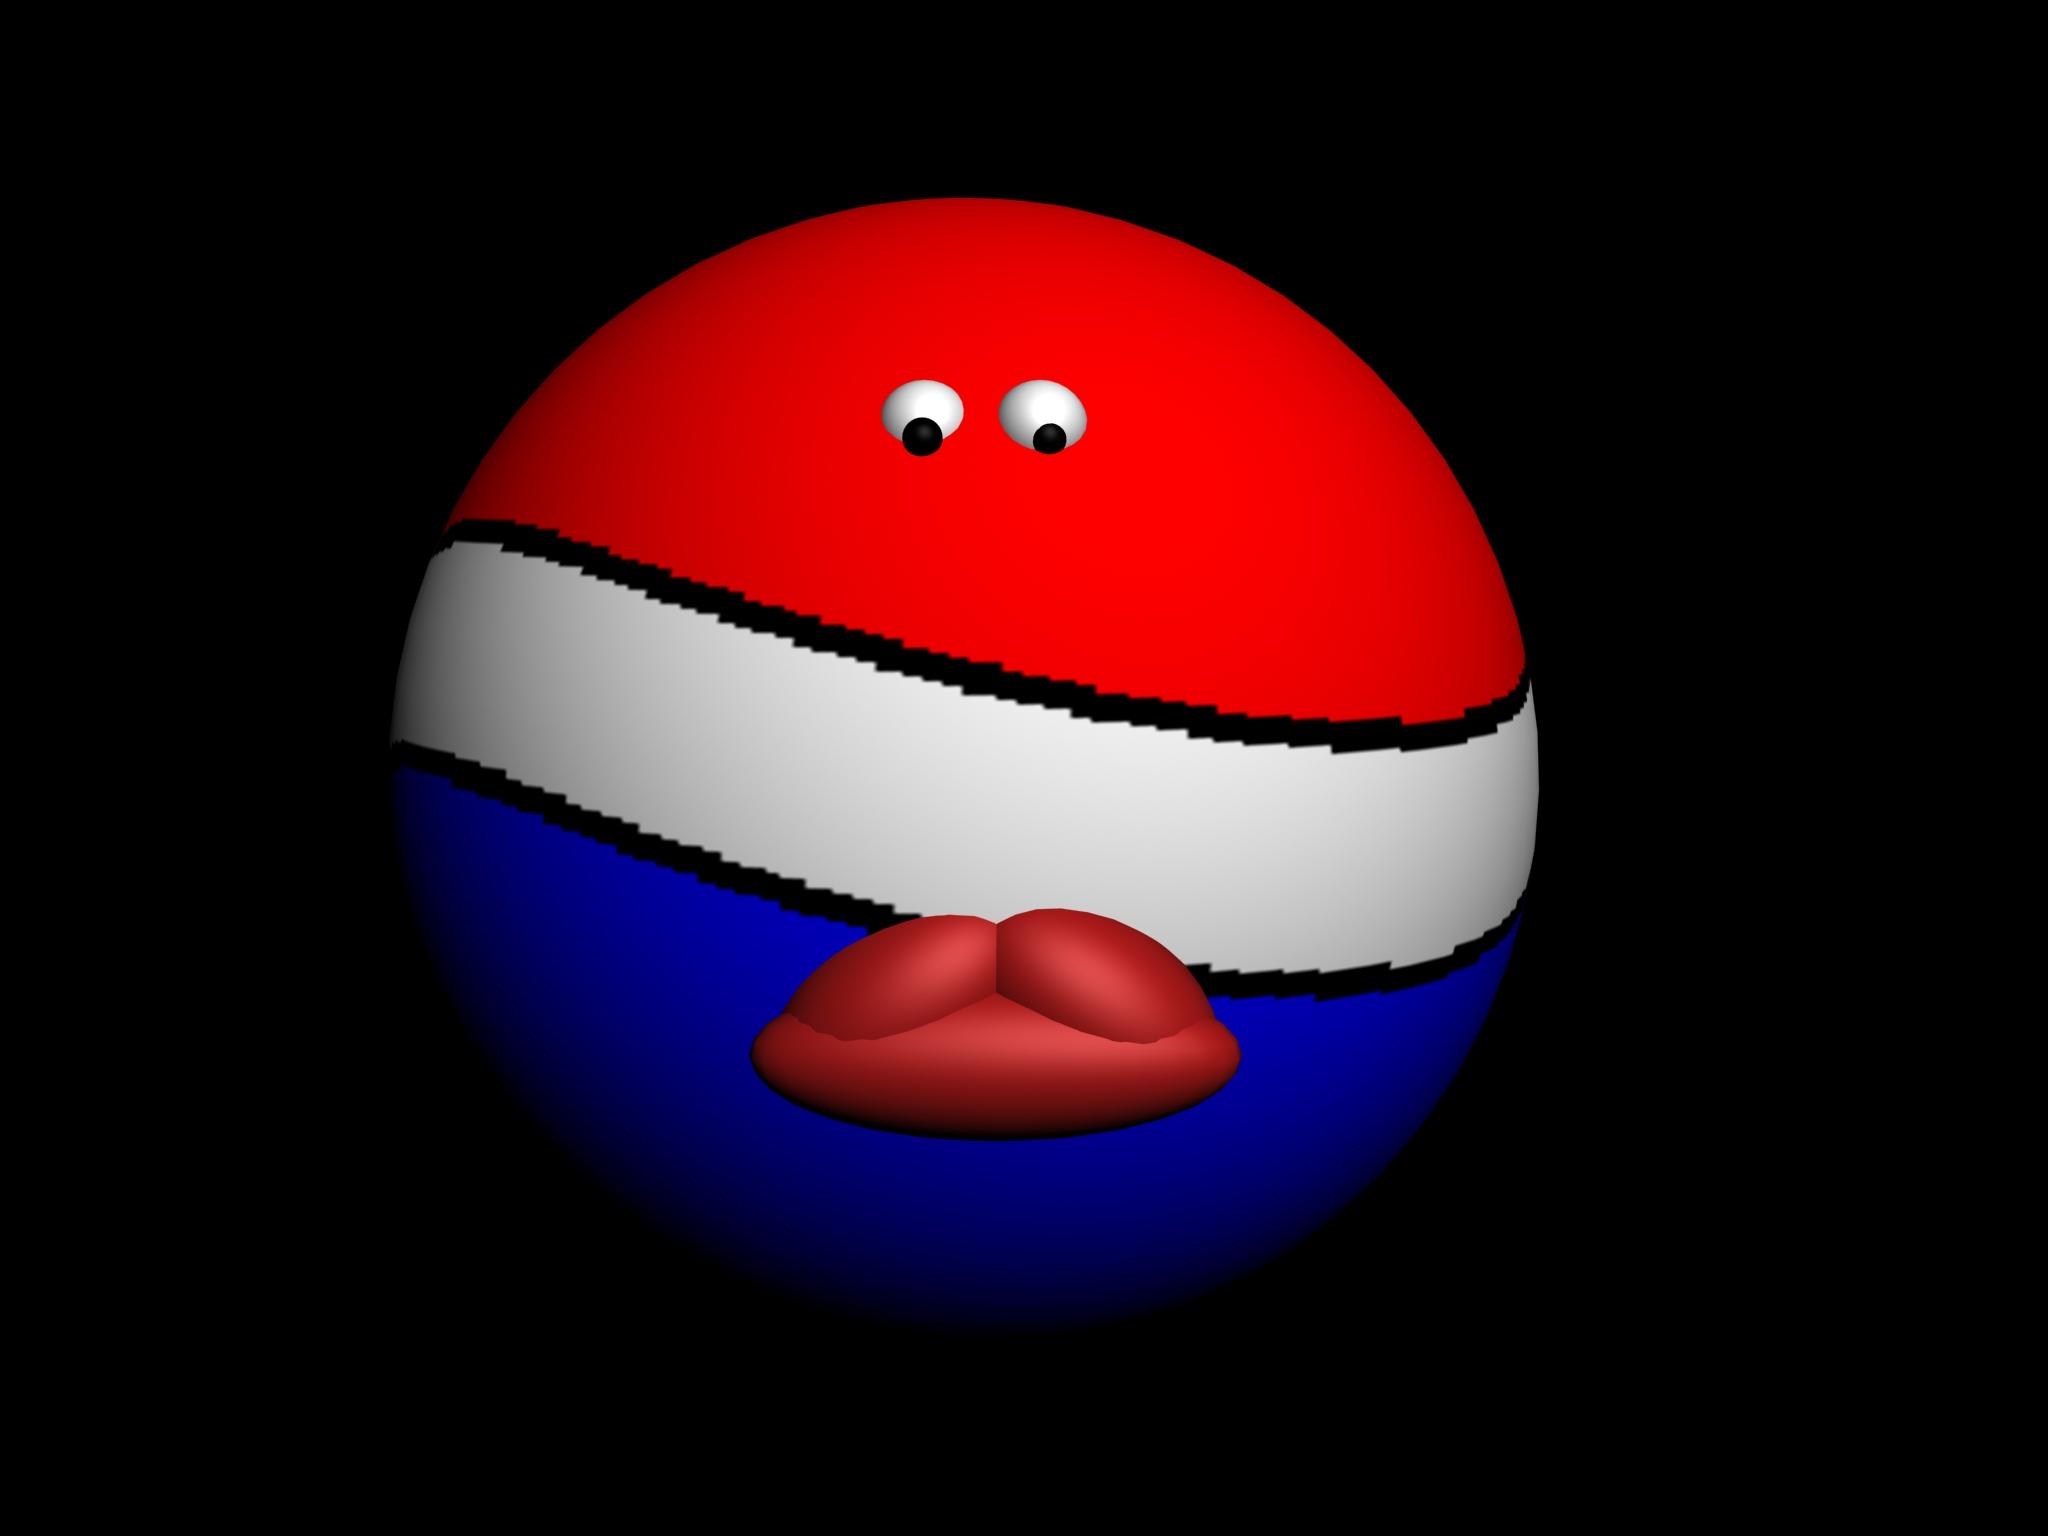 Mr. Pepsi